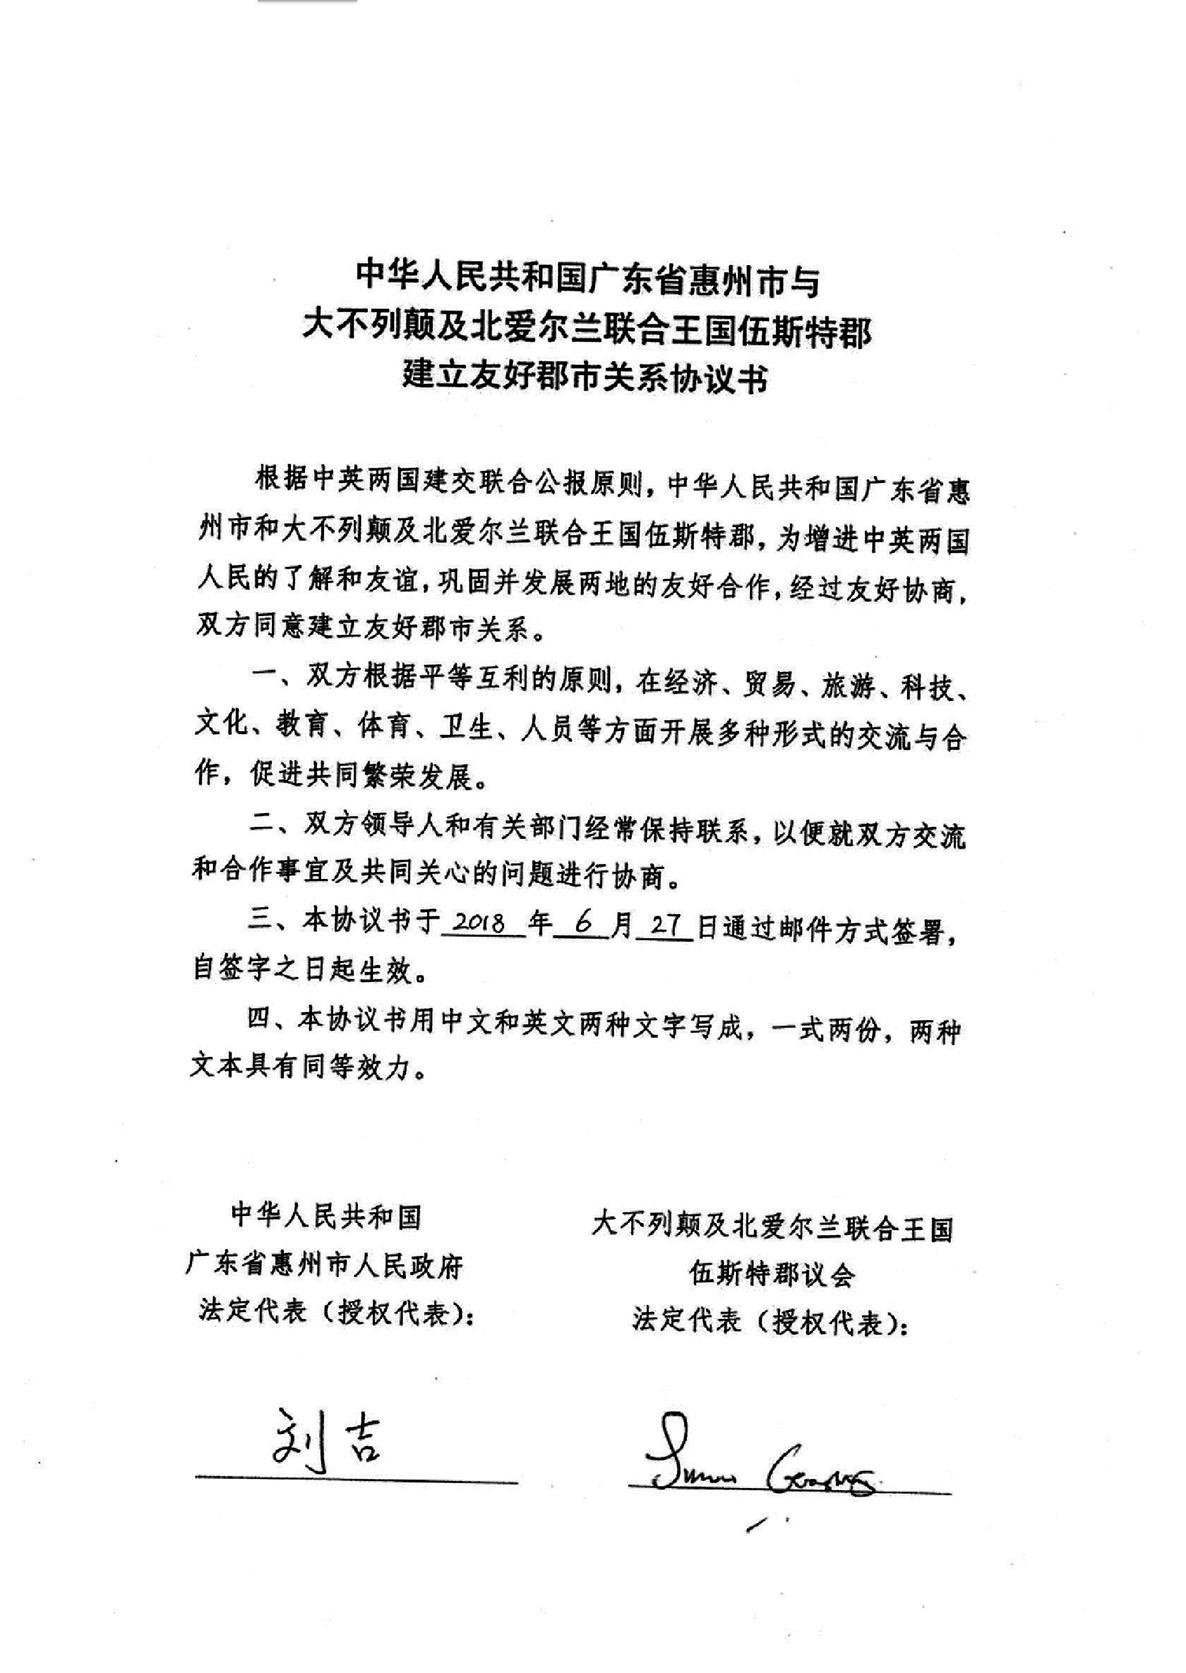 2018年廣東省惠州市政府與英國伍斯特郡簽署友好郡市關係協議截圖。協議中並無任何與台灣有關的條款。(大紀元)